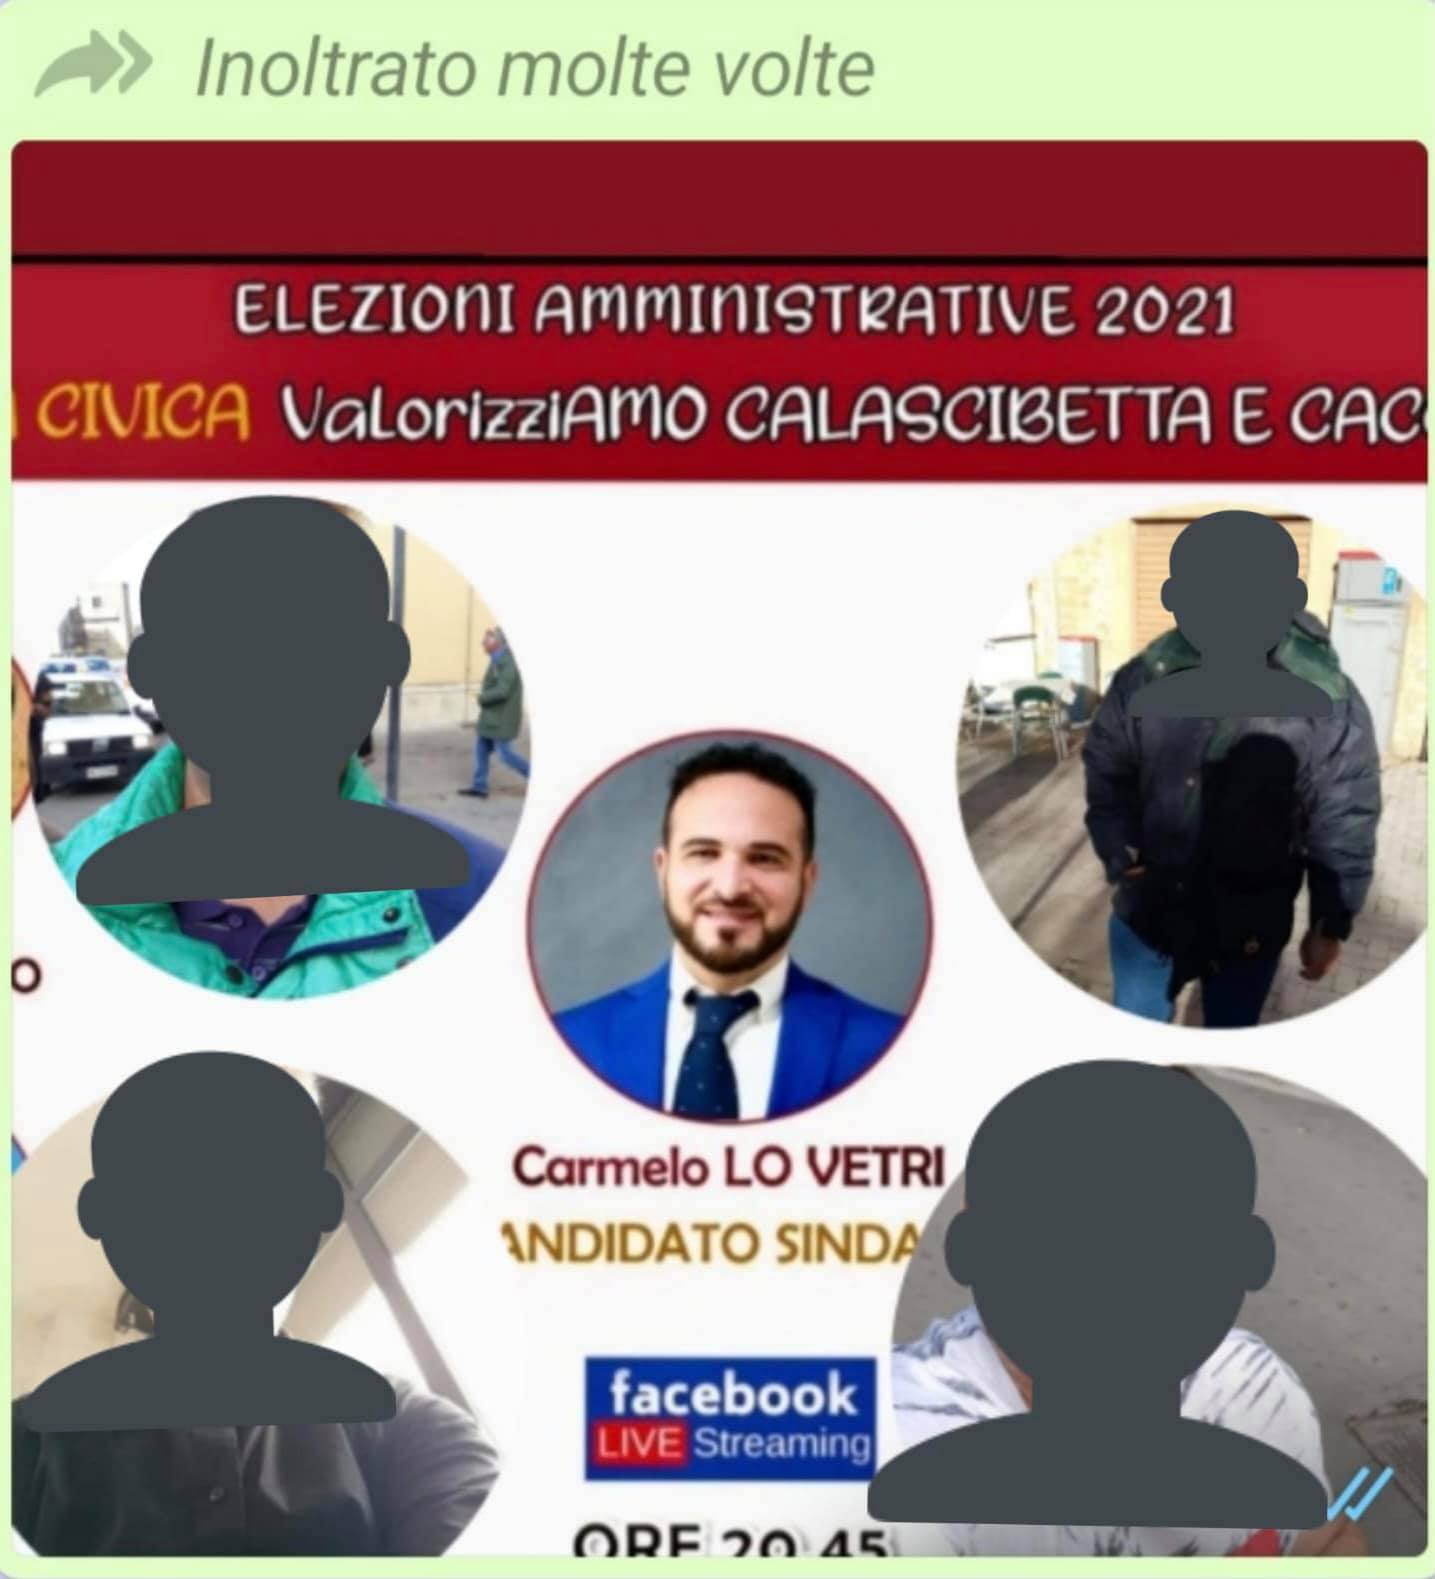 Immagine candidato sindaco di Calascibetta con fotomontaggio disabili: indagini